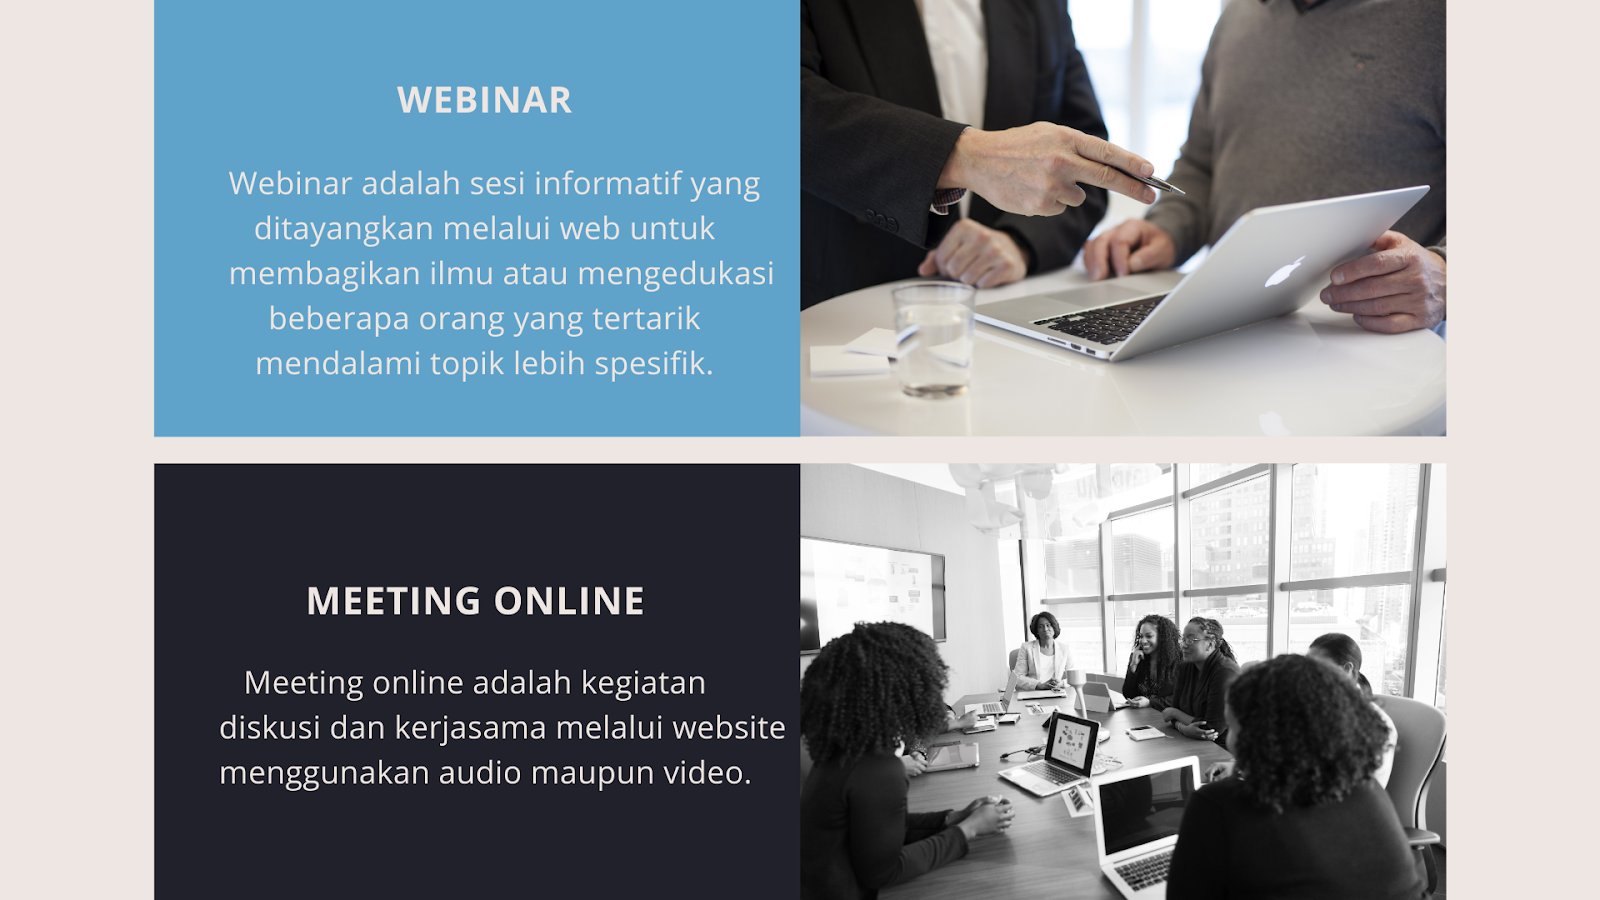 Inilah Perbedaan Webinar dan Meeting Online